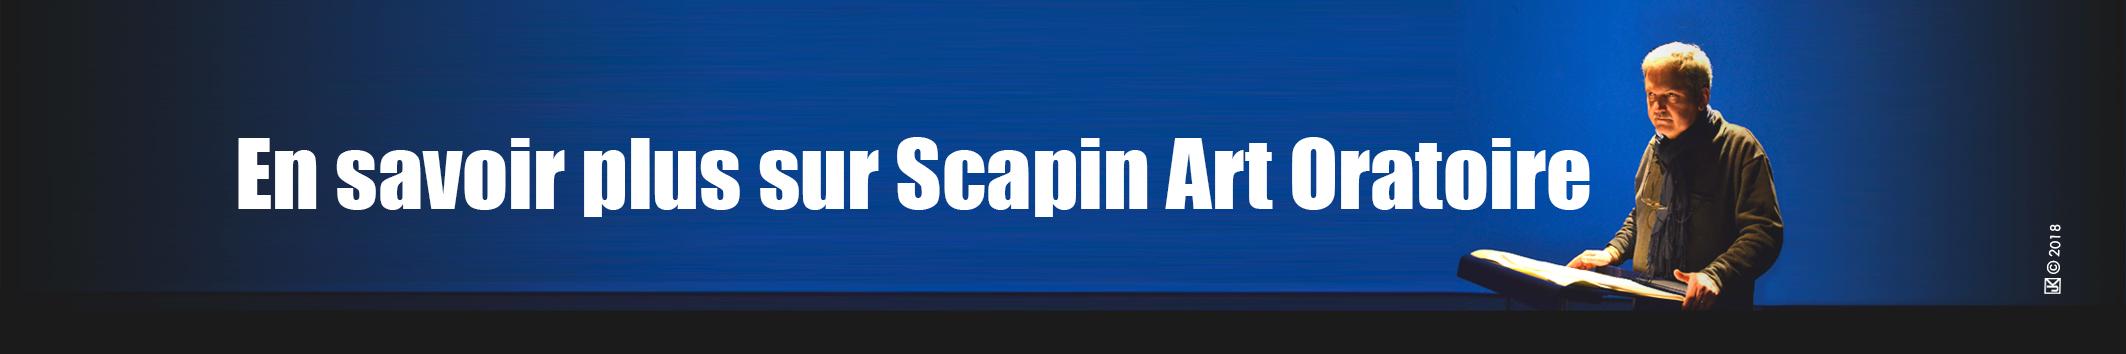 2018-En-savoir-plus-sur-Scapin-Art-Oratoire-depuis-1994-Serge-Krakowski